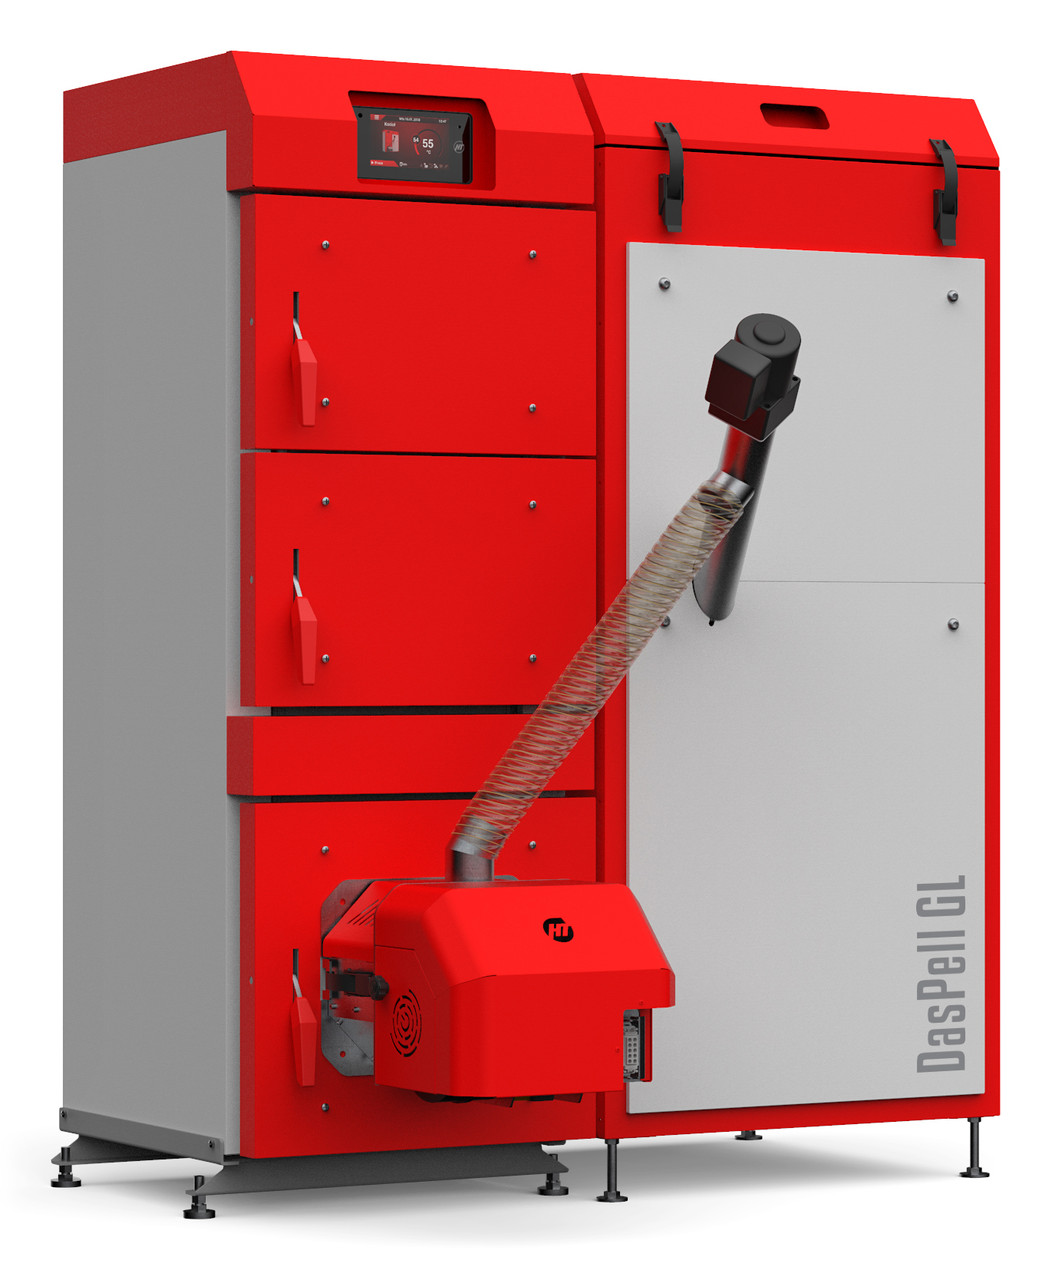 Пеллетный котел Heiztechnik HT DasPell GL 30 кВт с автоподачей топлива и погодозависимой автоматикой